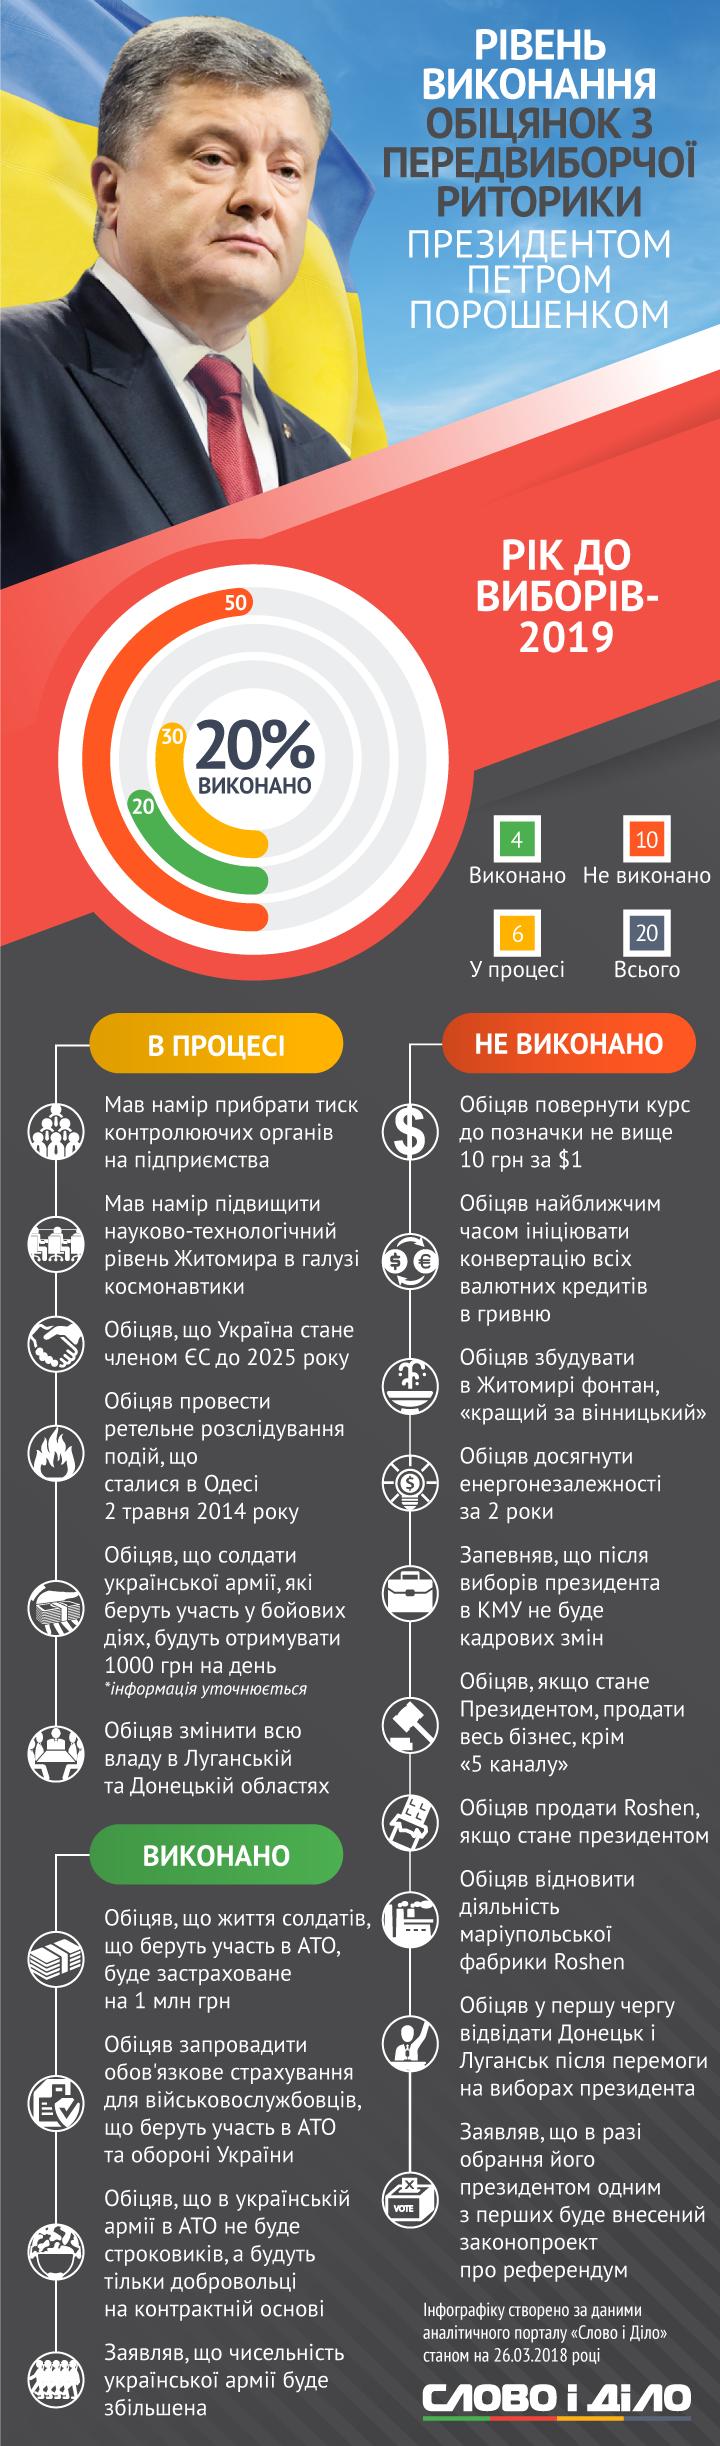 До президентських виборів в Україні залишився рік і Слово і Діло починає підбивати підсумки виконання обіцянок. Розбираємося, що зі своєї передвиборчої риторики виконав президент Петро Порошенко.